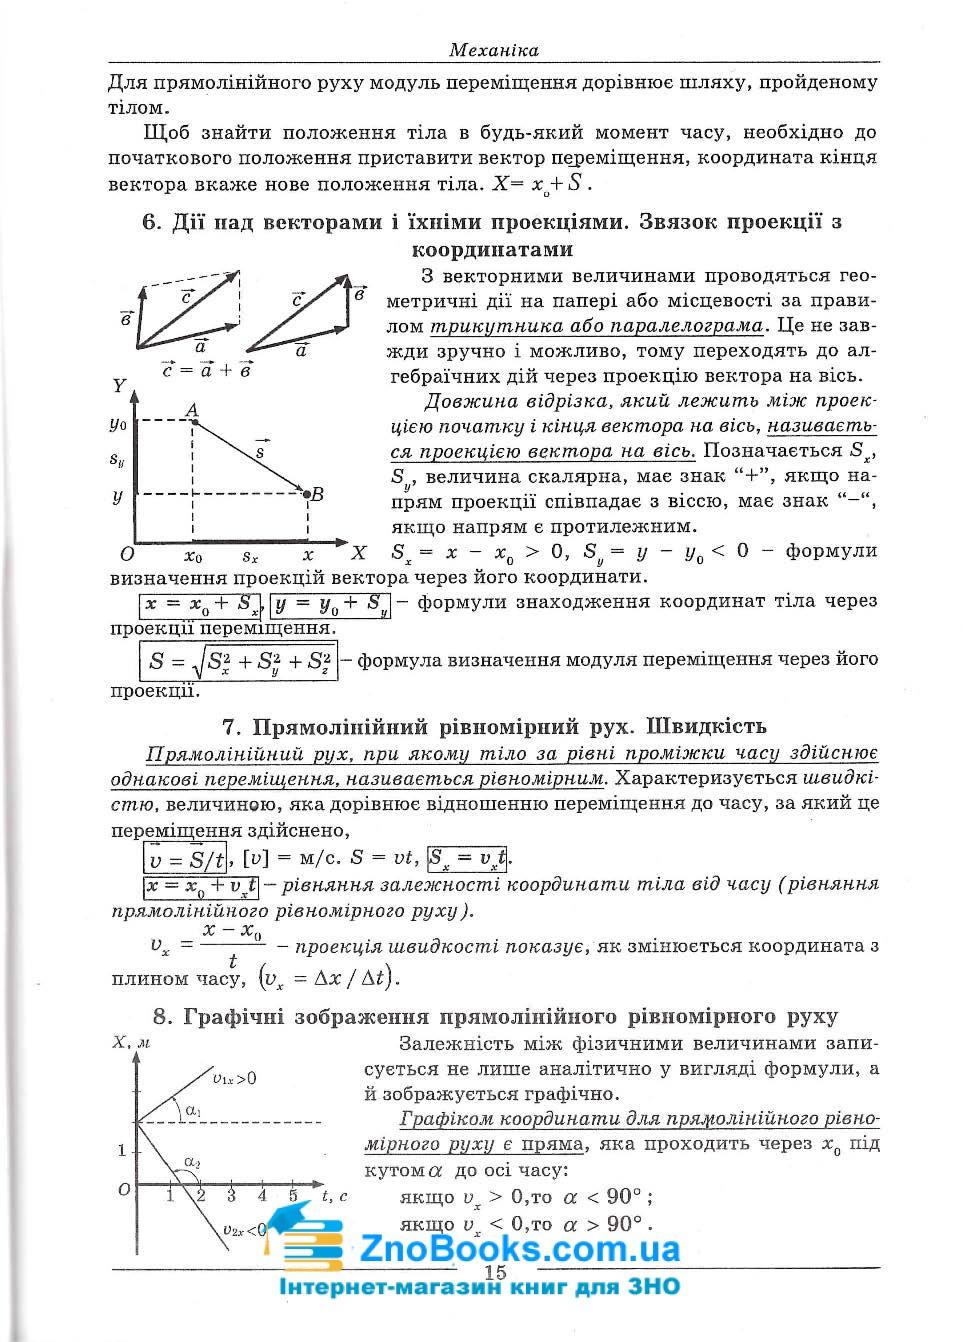 Фізика ЗНО 2019. Довідник + тести. Повний повторювальний курс. Авт: Мойсеєнко І. Вид-во: Абетка. купити 5